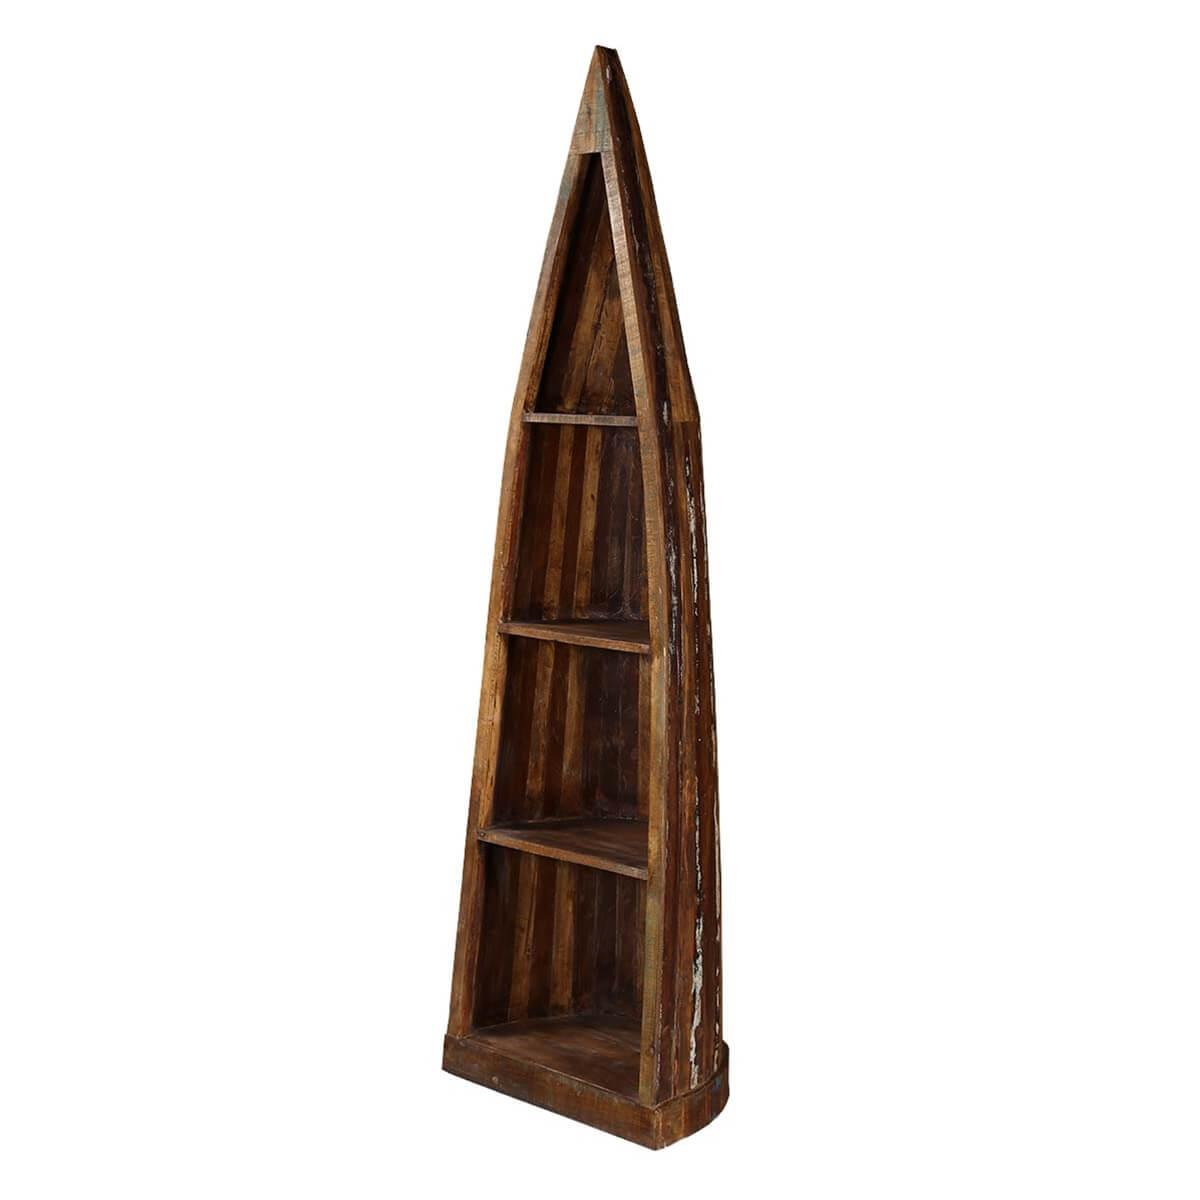 Wartrace 4 Open Shelf Rustic Reclaimed Wood Canoe Bookcase